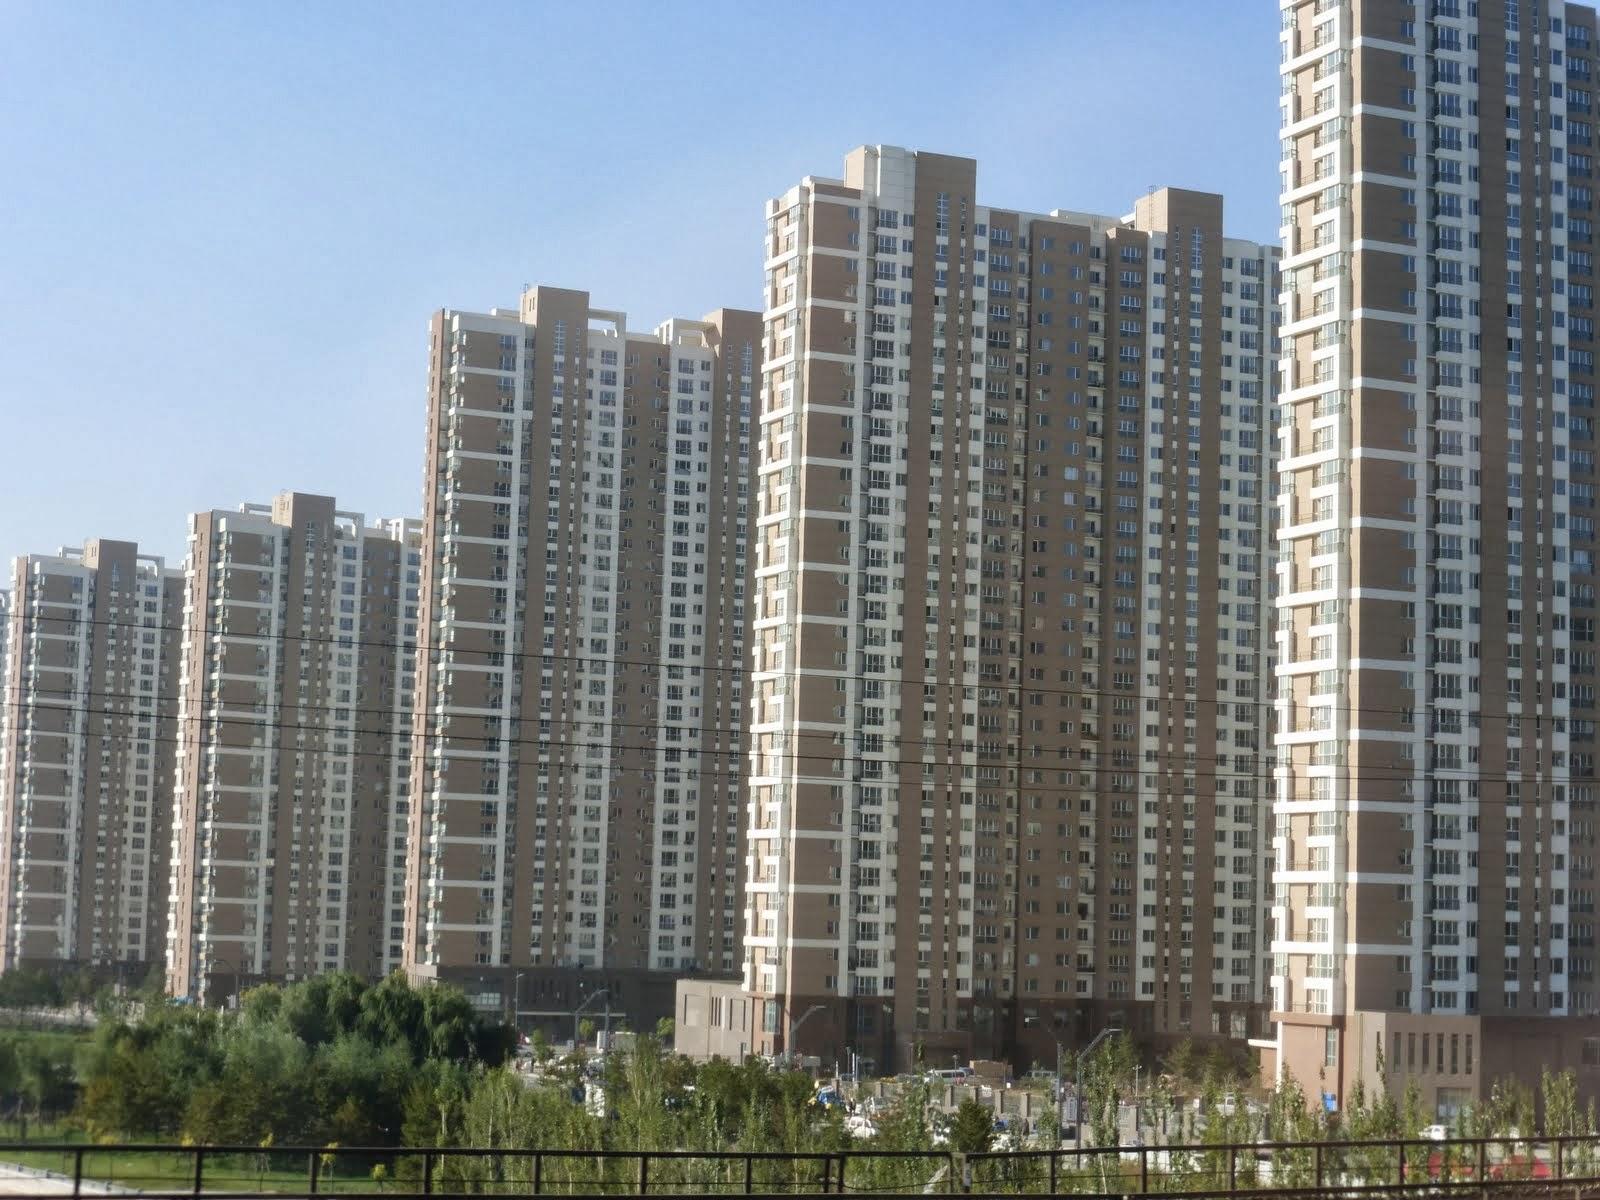 Nos rayons pour un soleil de oulan baatar p kin for Piscine entre 2 immeubles